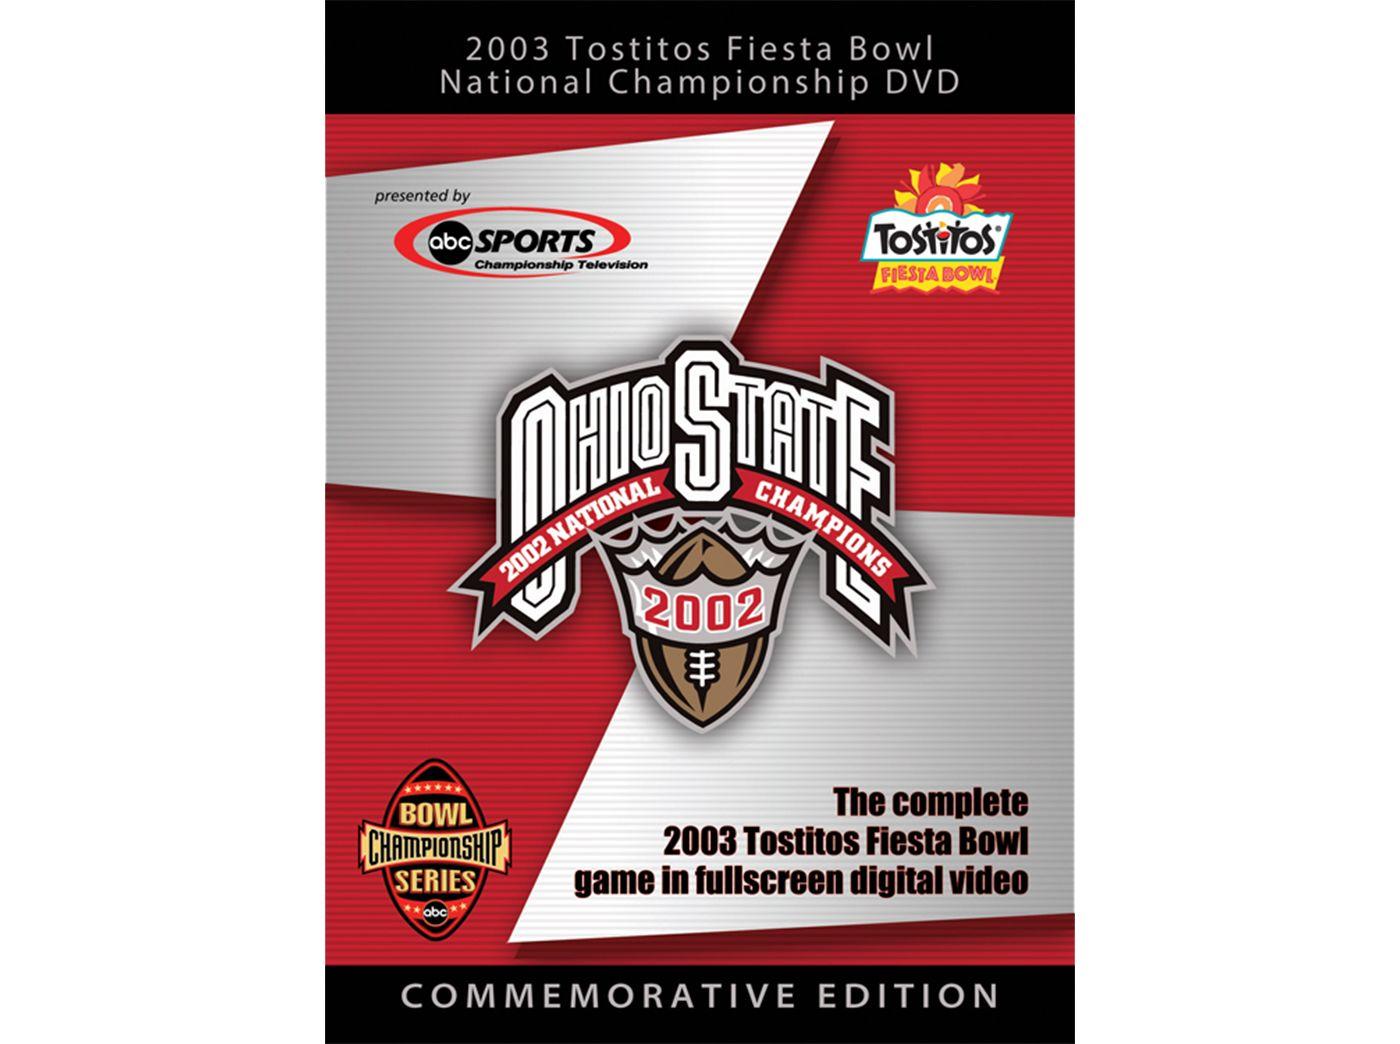 2003 Tostitos Fiesta Bowl Game: Ohio State Buckeyes vs. Miami Hurricanes DVD